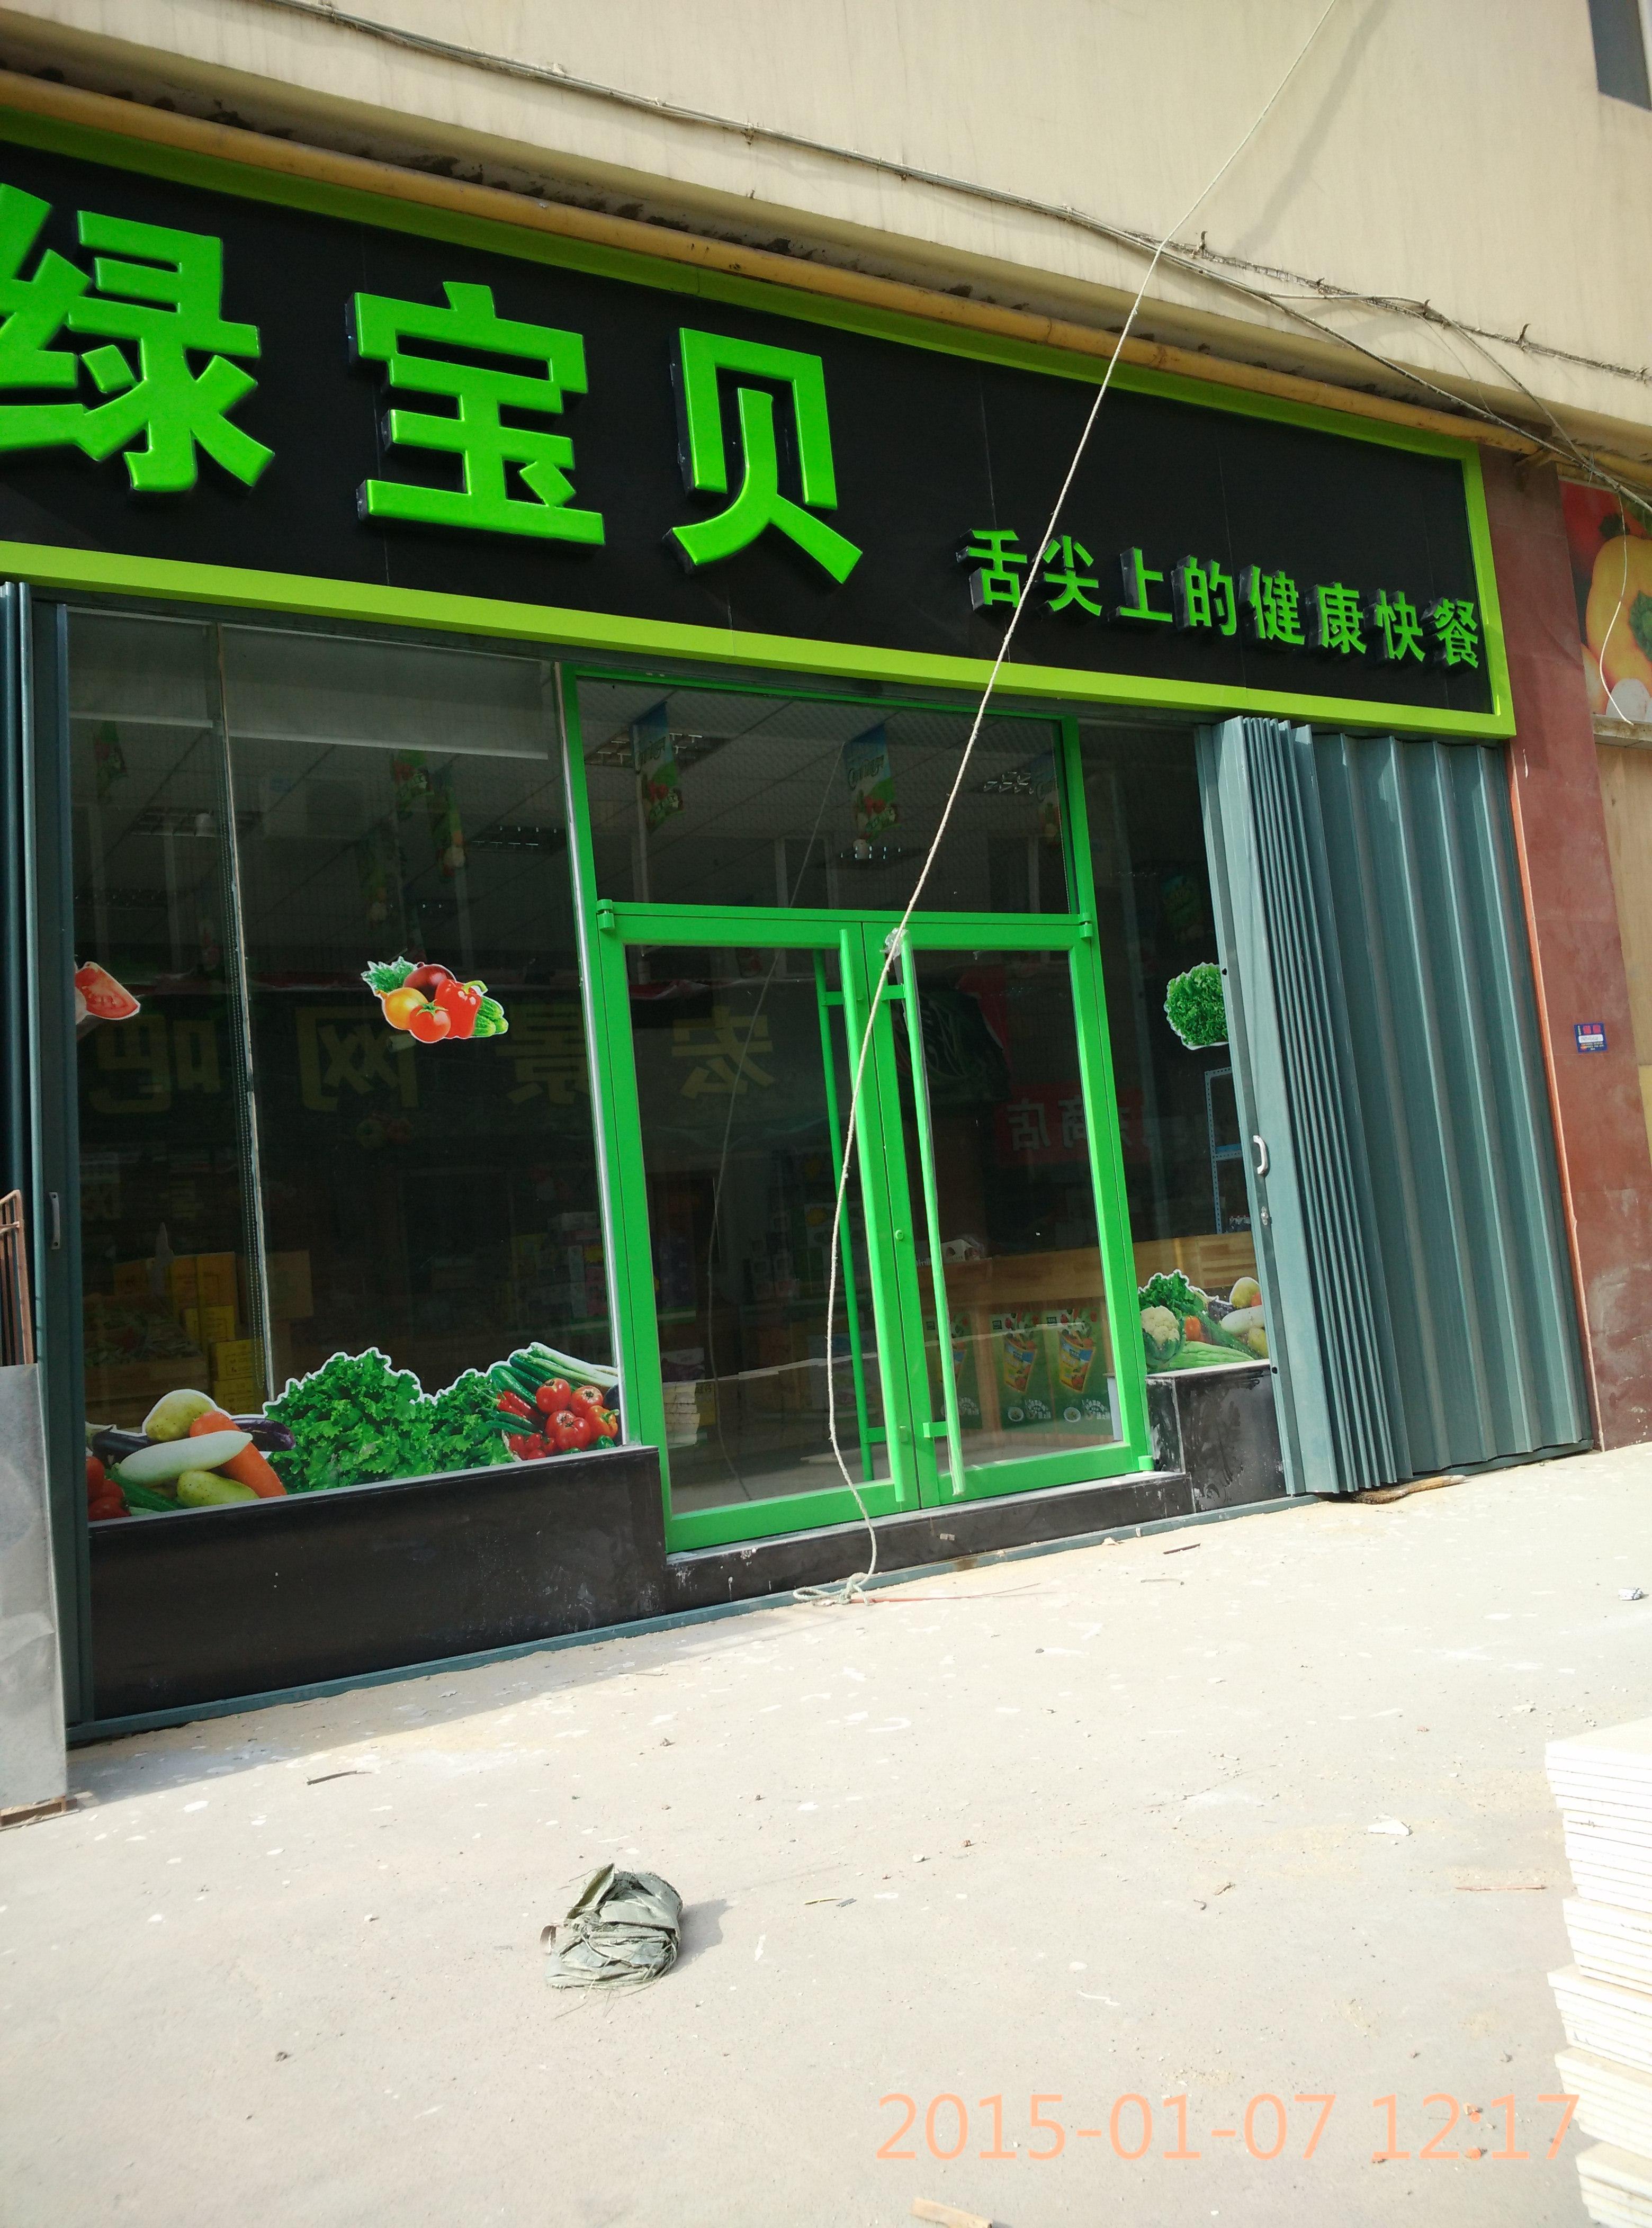 烟台肯德基门窗、彩色断桥铝门窗、铝塑门窗加工、制作、安装